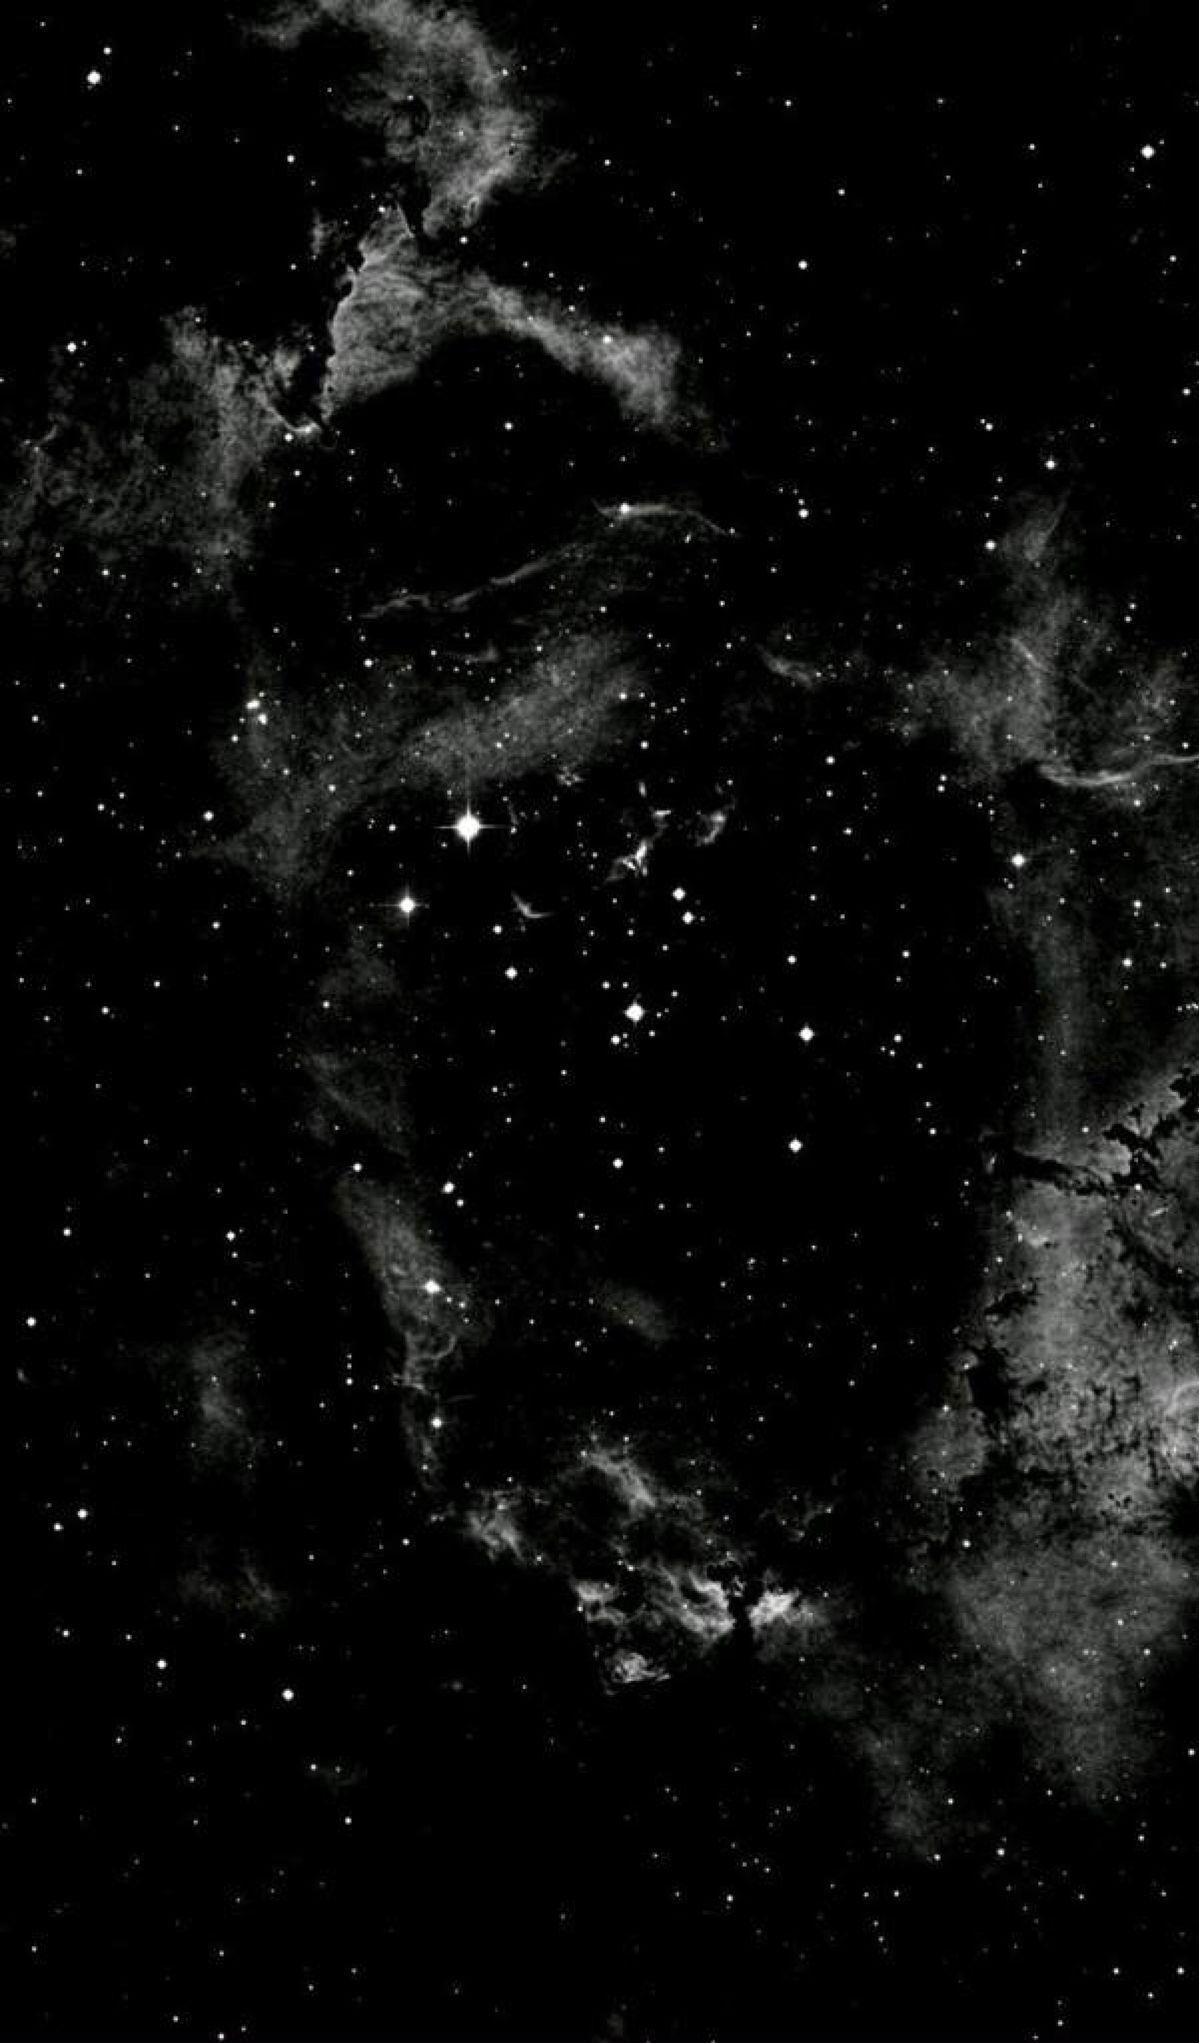 Wallpaper Aesthetic Black 2021